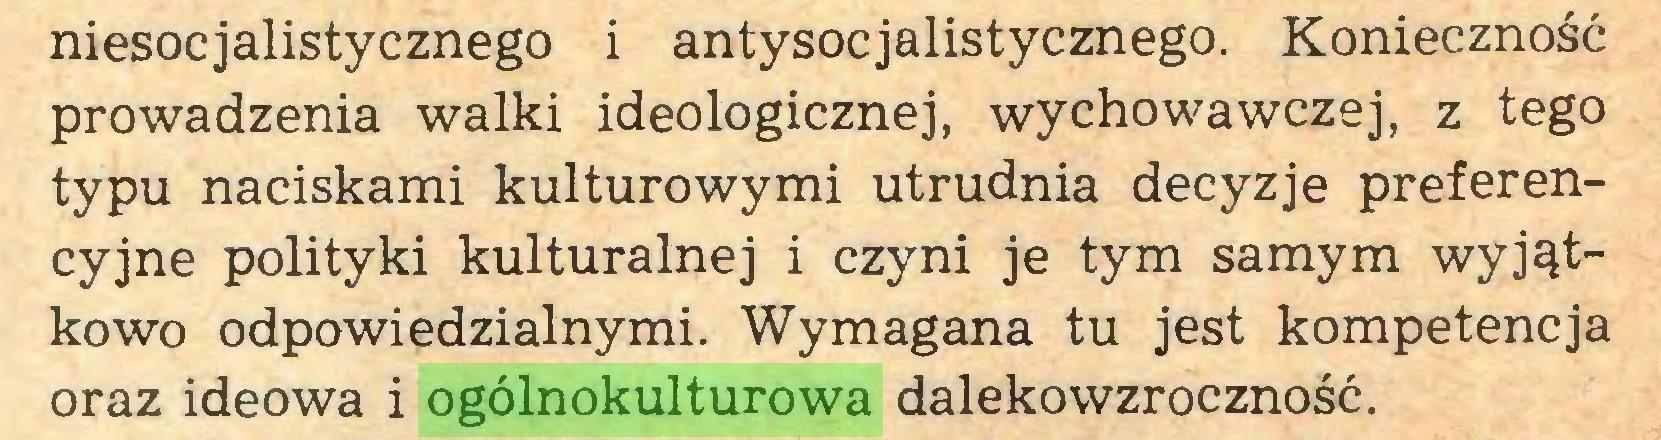 (...) niesocjalistycznego i antysocjalistycznego. Konieczność prowadzenia walki ideologicznej, wychowawczej, z tego typu naciskami kulturowymi utrudnia decyzje preferencyjne polityki kulturalnej i czyni je tym samym wyjątkowo odpowiedzialnymi. Wymagana tu jest kompetencja oraz ideowa i ogólnokulturowa dalekowzroczność...